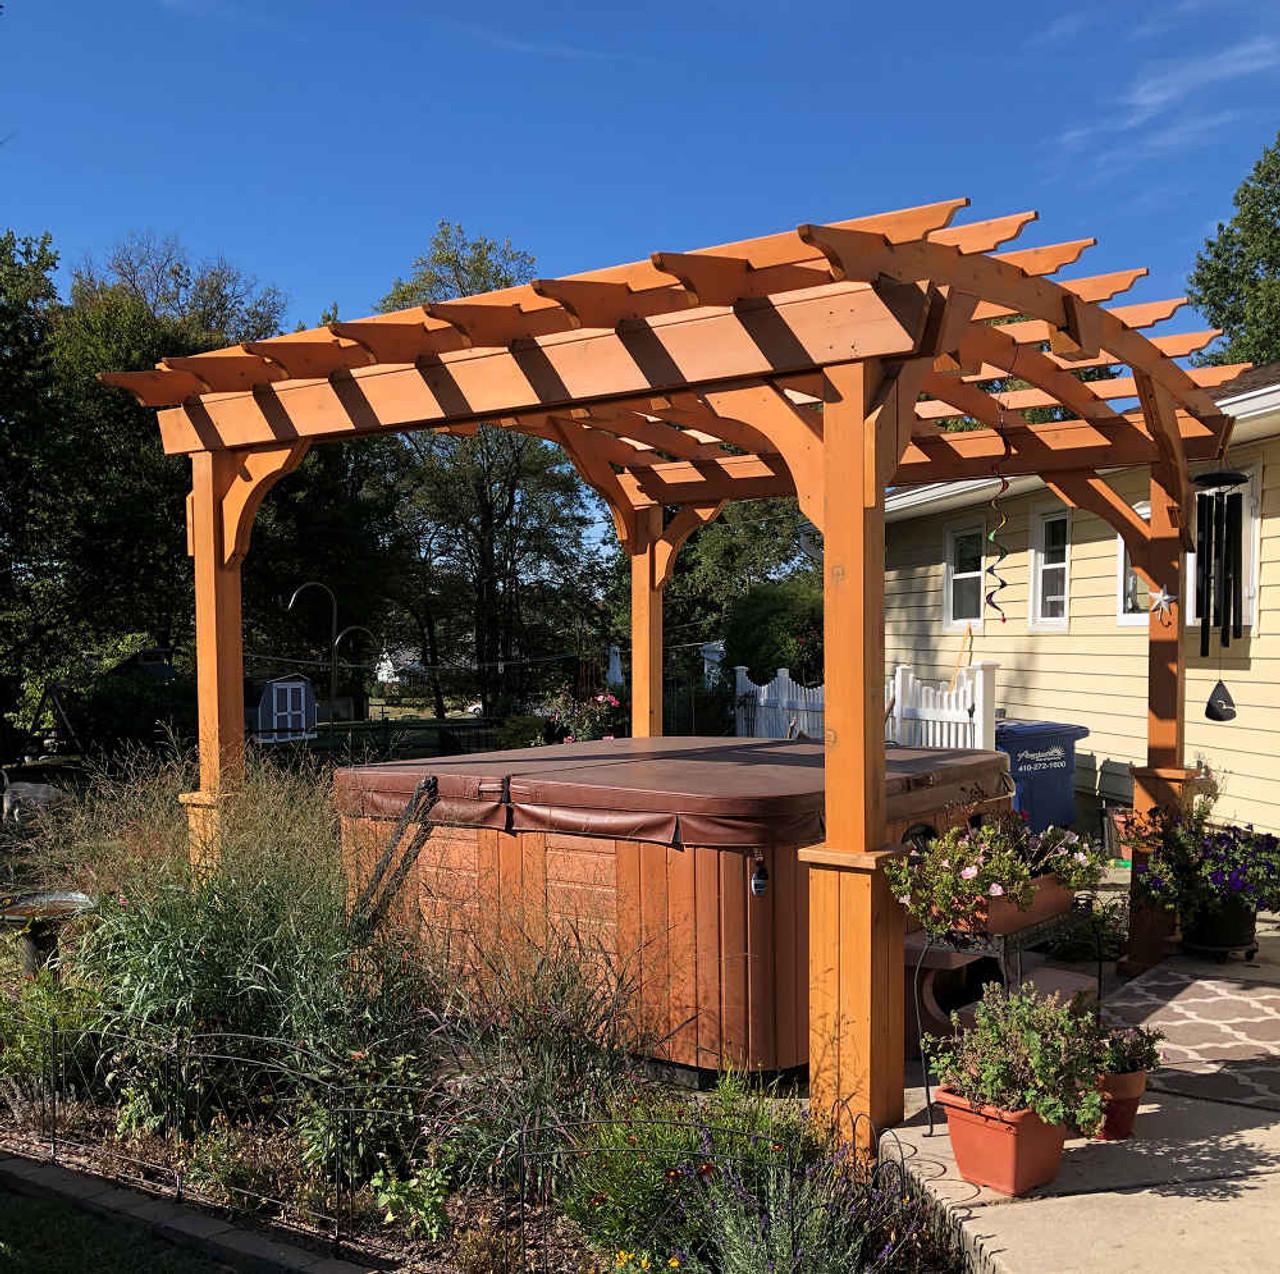 10x10 Arched Cedar Pergola Kit - Aberdeen, Maryland